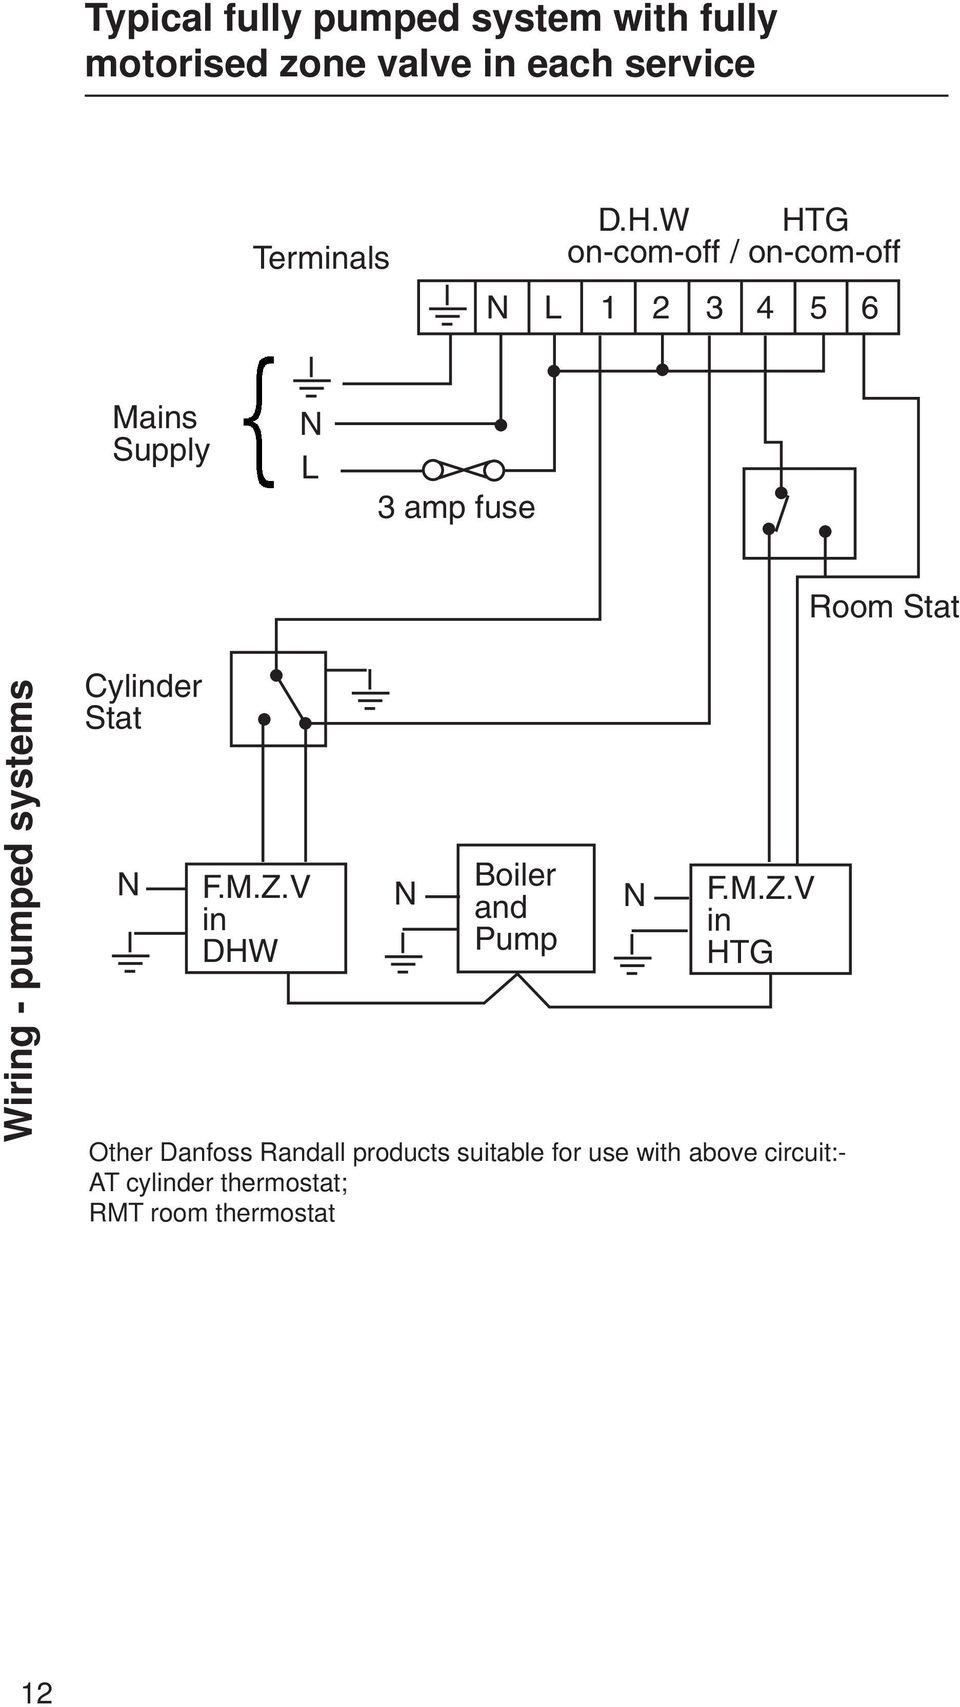 Drayton Lp241 Wiring Diagram